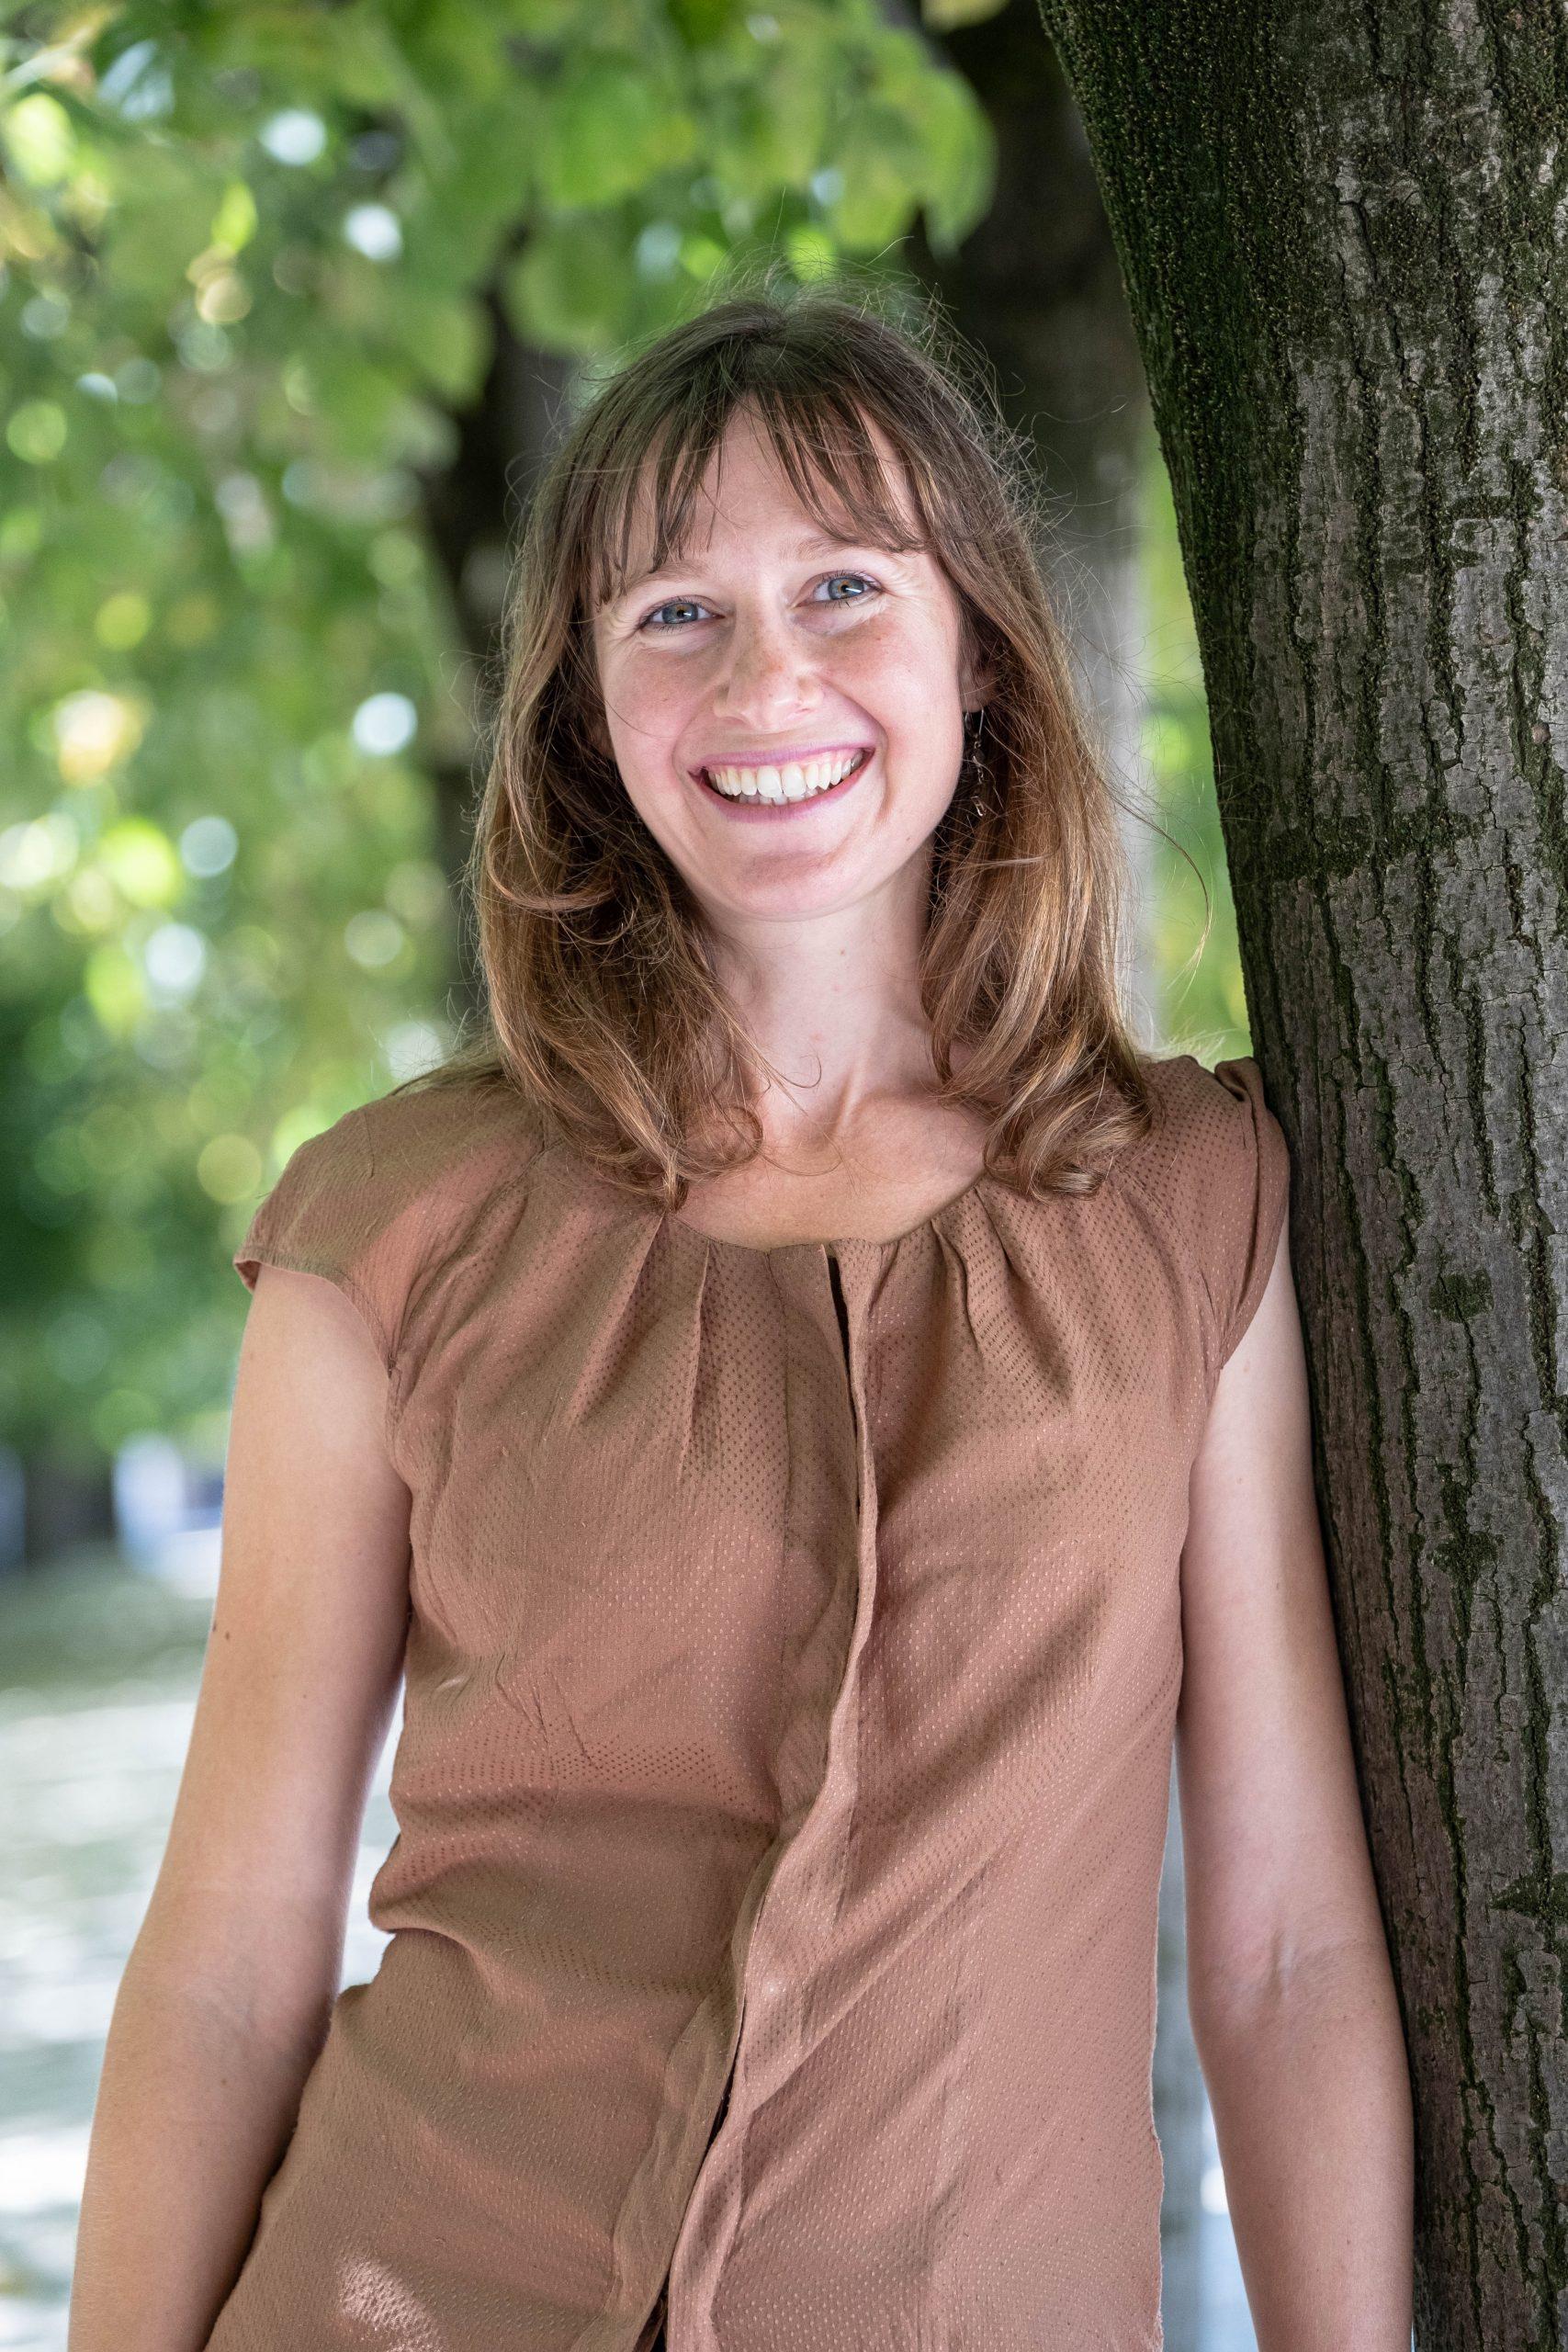 Claire Neuschwander